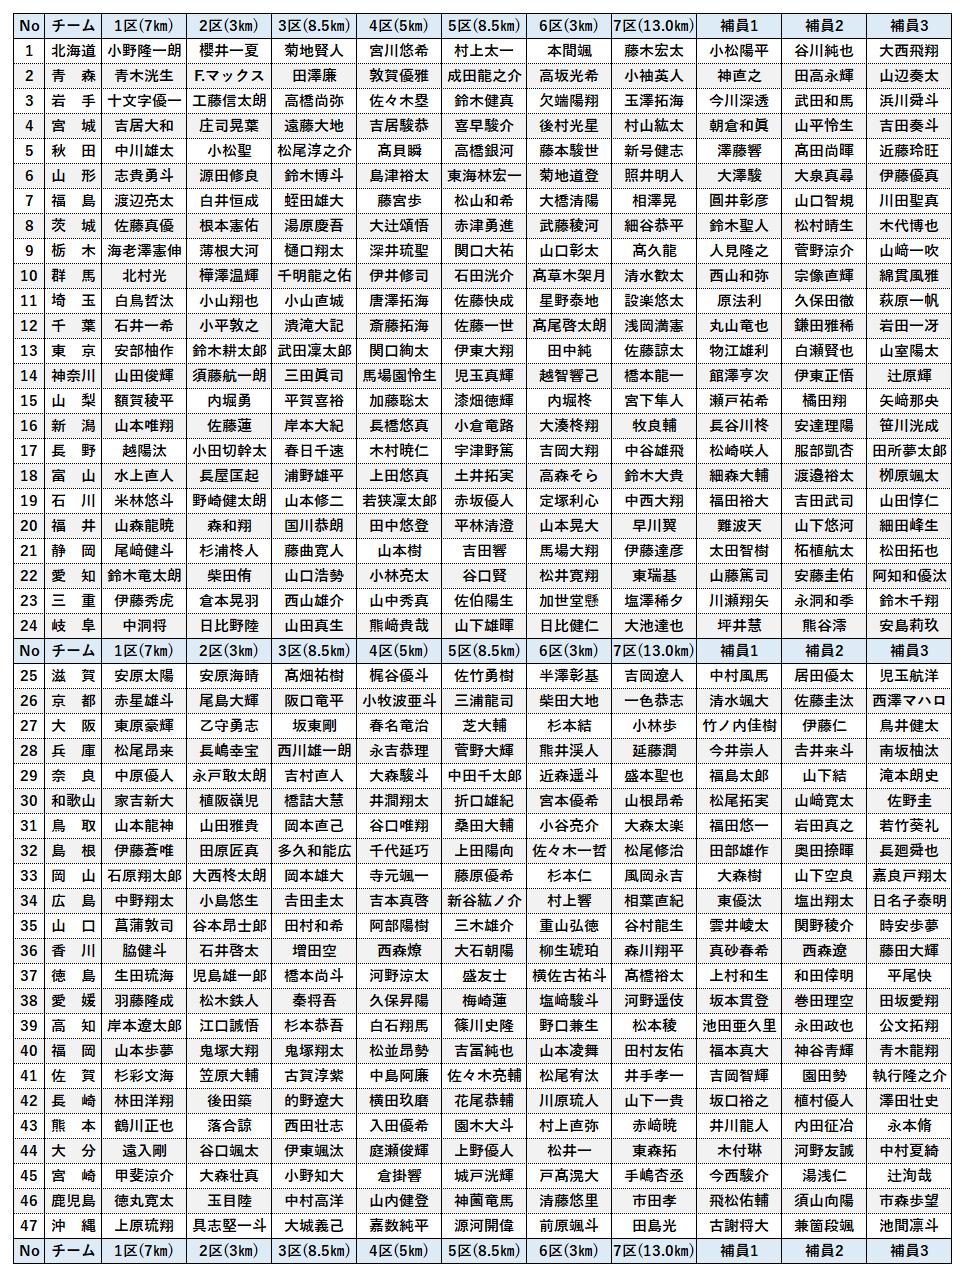 全国 男子 駅伝 2020 天皇盃 第26回 全国男子駅伝 [ひろしま男子駅伝]